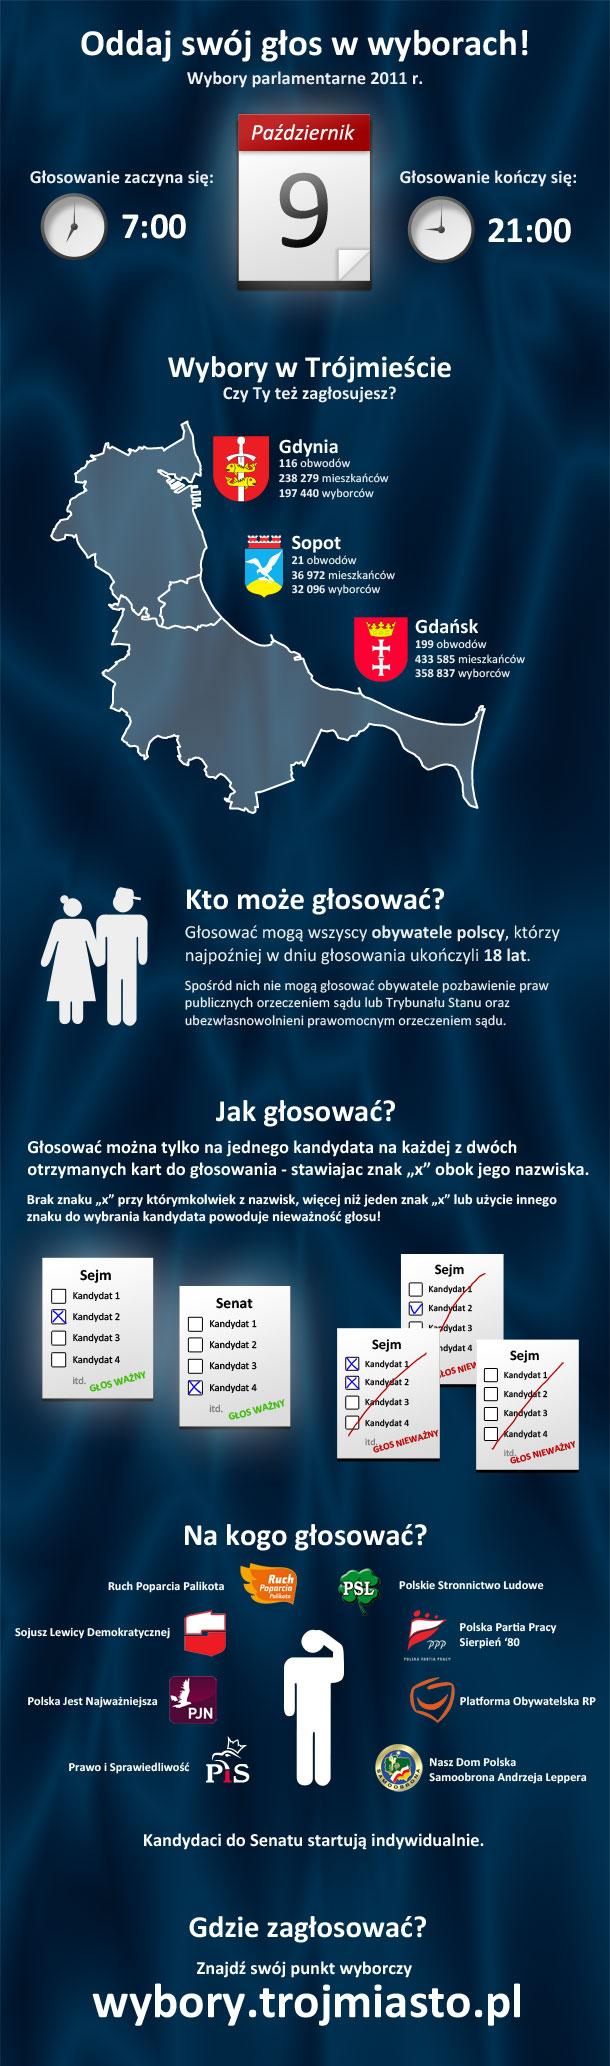 Infografika - wybory w Trójmieście